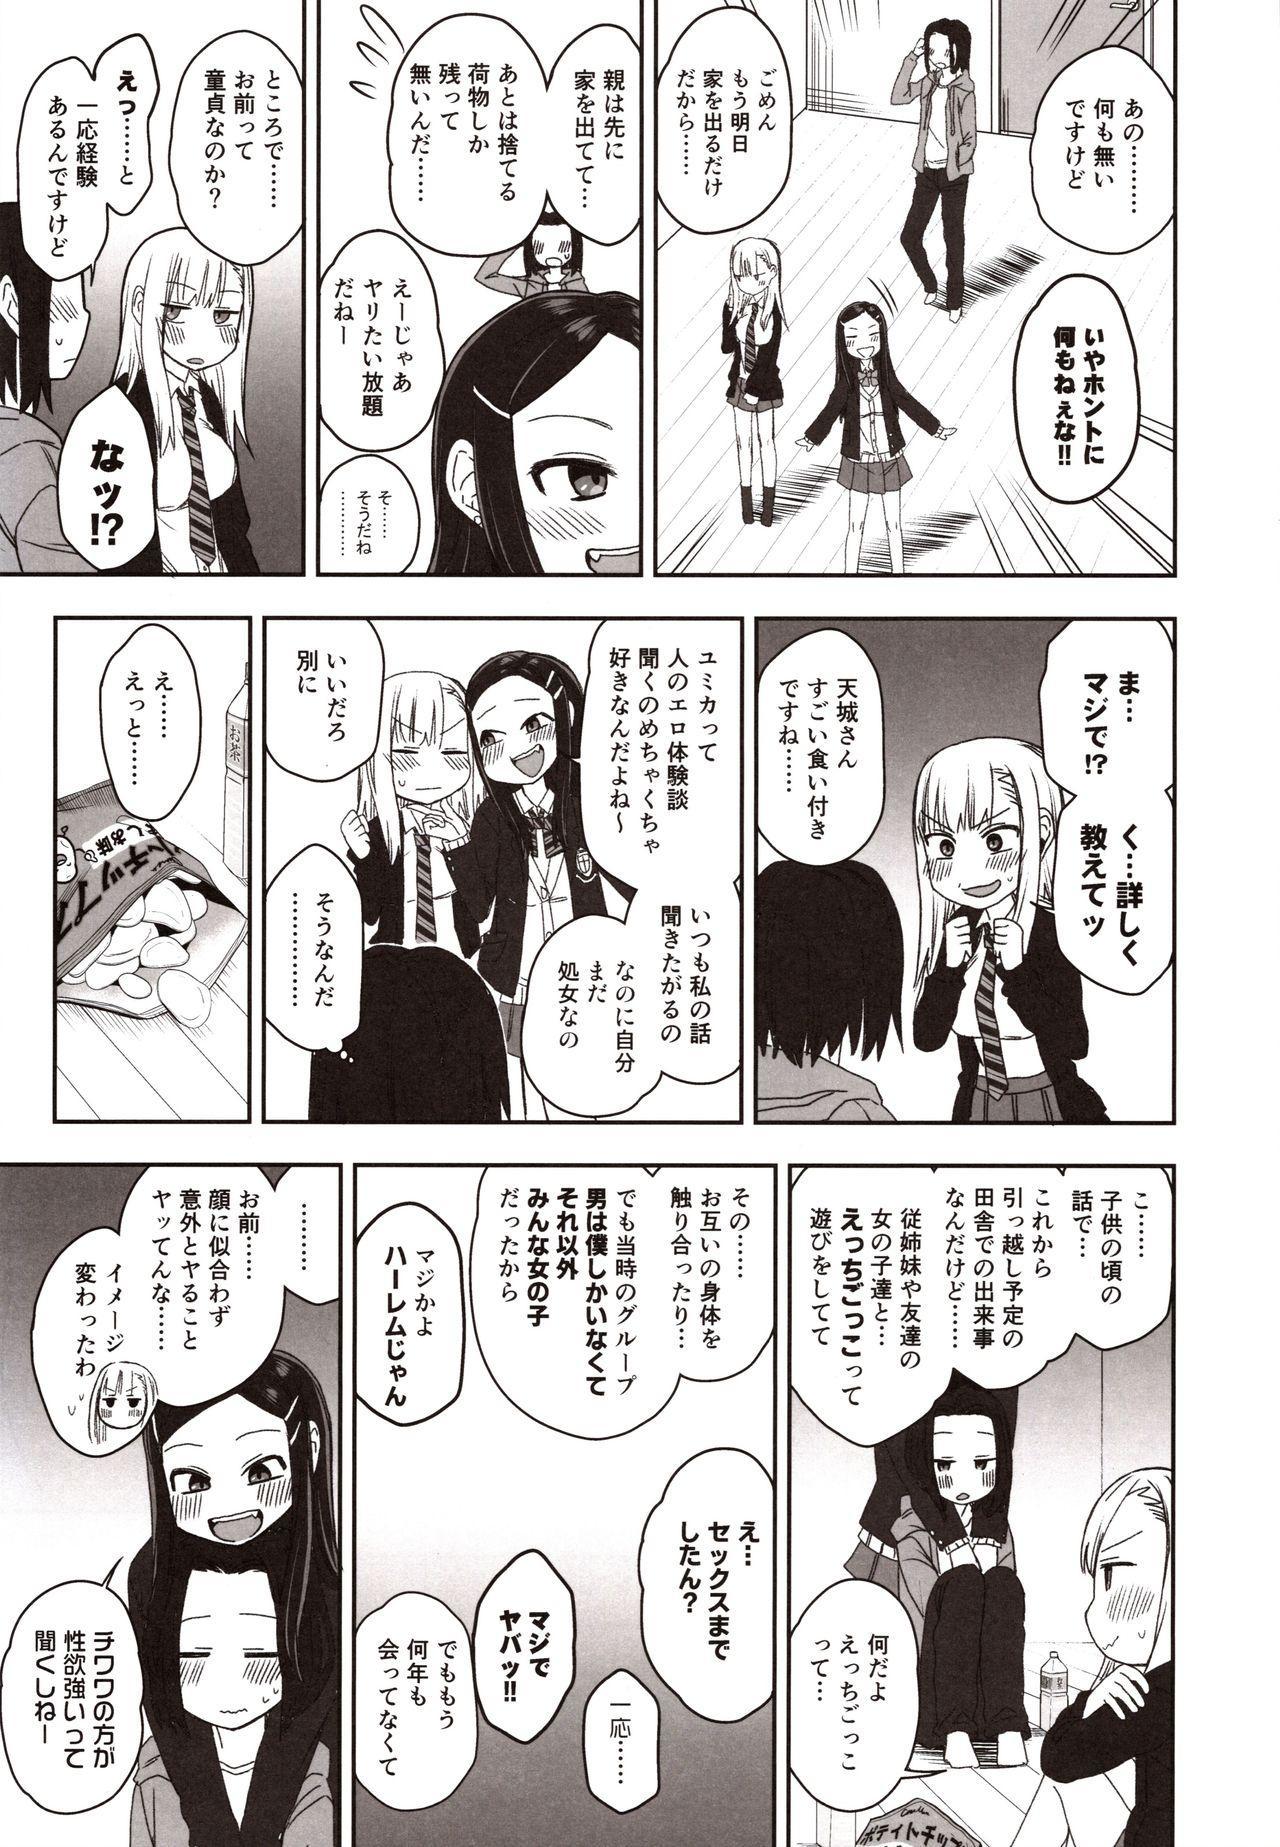 Yasuragi-kun no Harem Monogatari Prologue 5